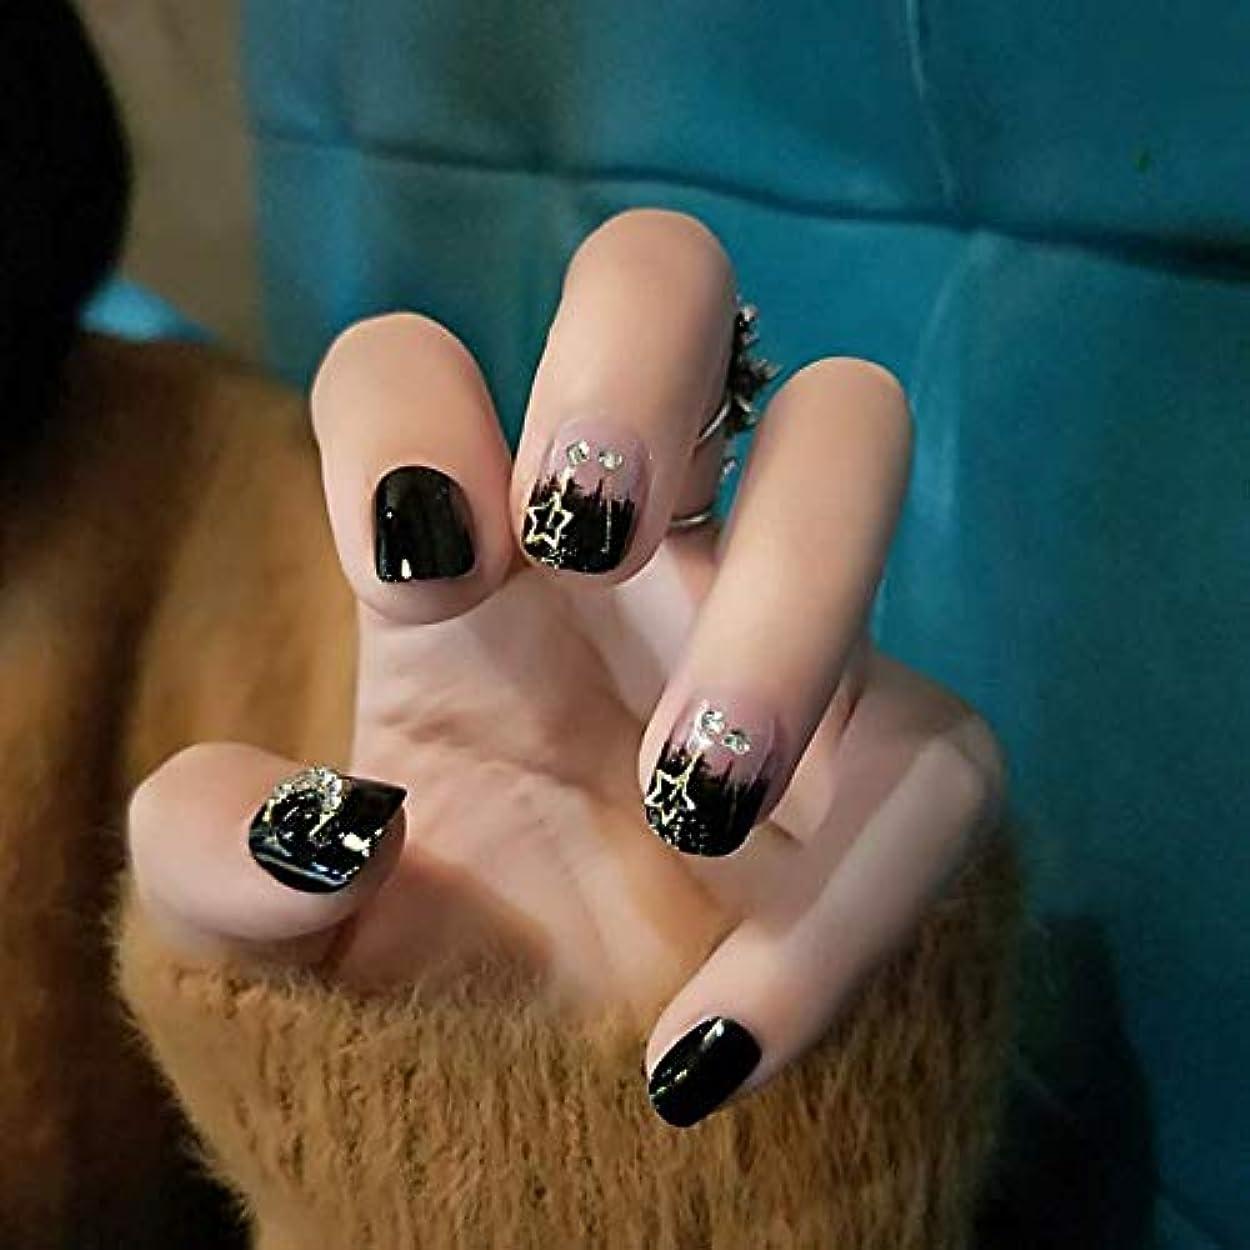 区画アラーム水分NANNAN ネイルチップ ネイルチップ つけ爪 付け爪 つけ方簡単 ネイル デコネイルコレクション シール ハロウィン 母の日 パーティ 人気 毎日変身 24枚セット